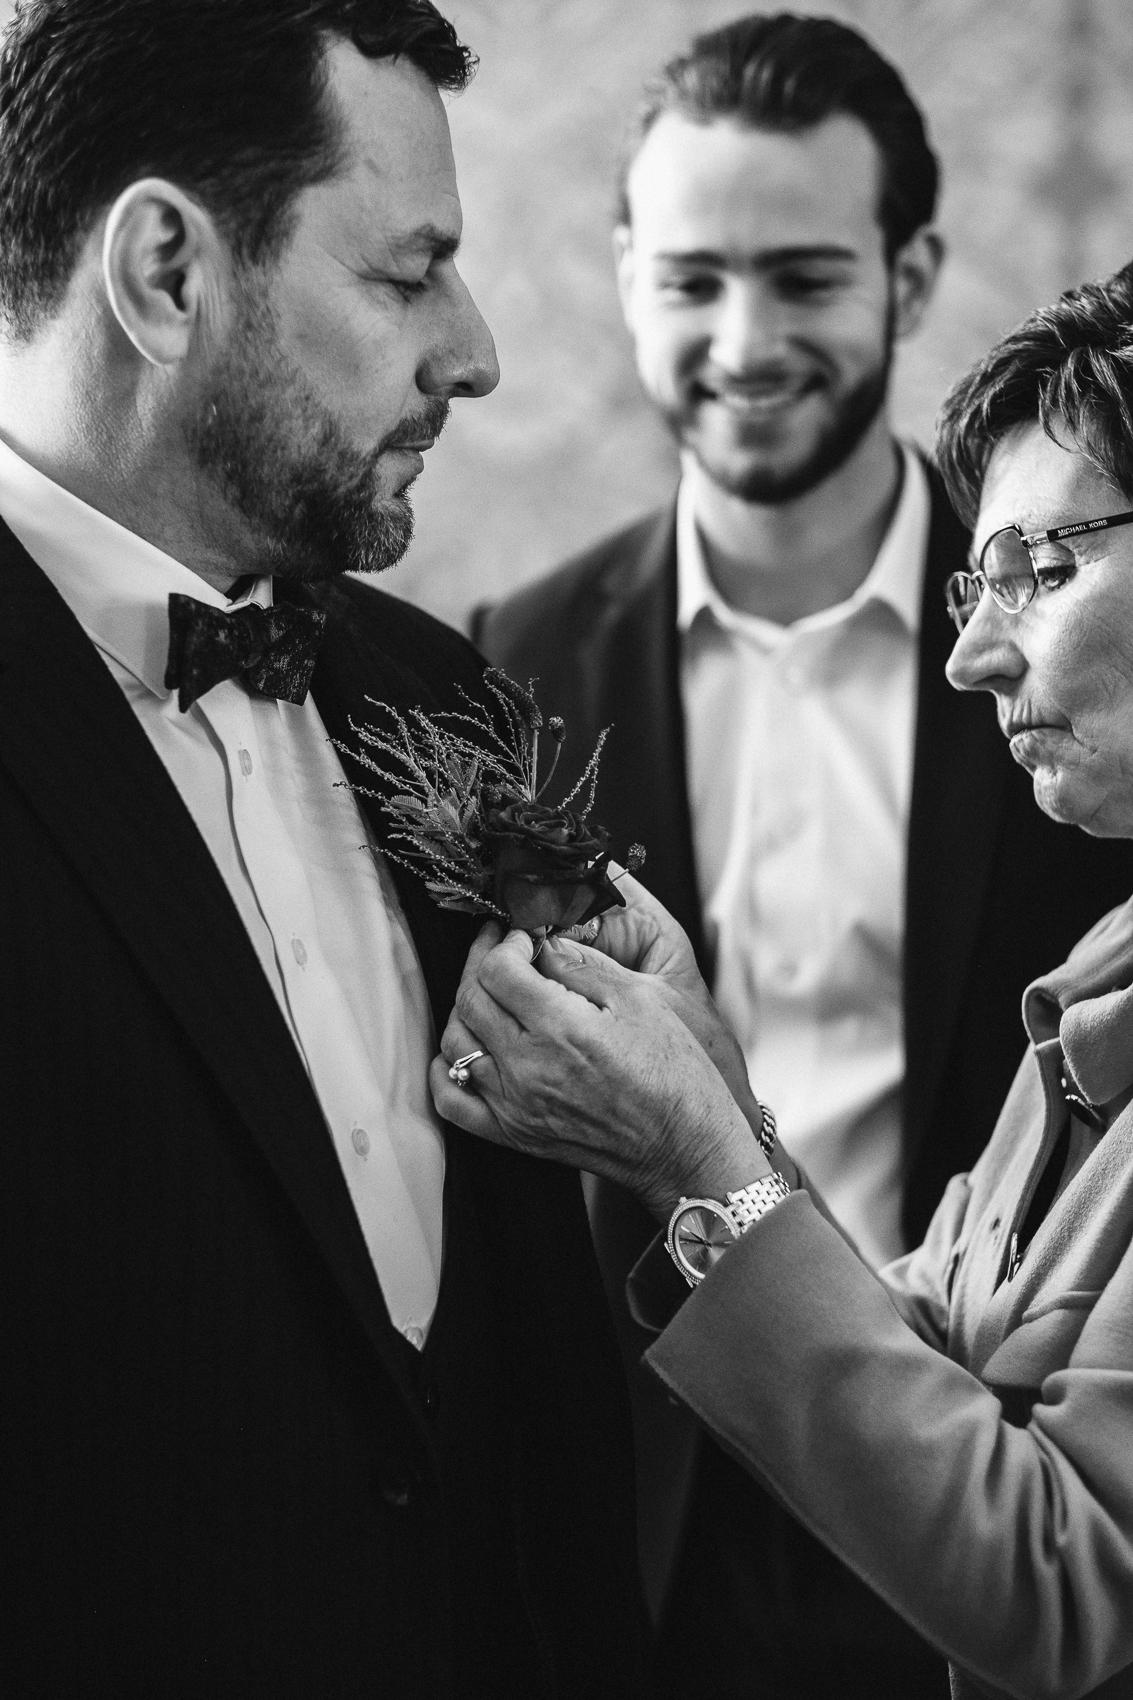 iso800 - huwelijksfotograaf Ina en Erik -6.jpg